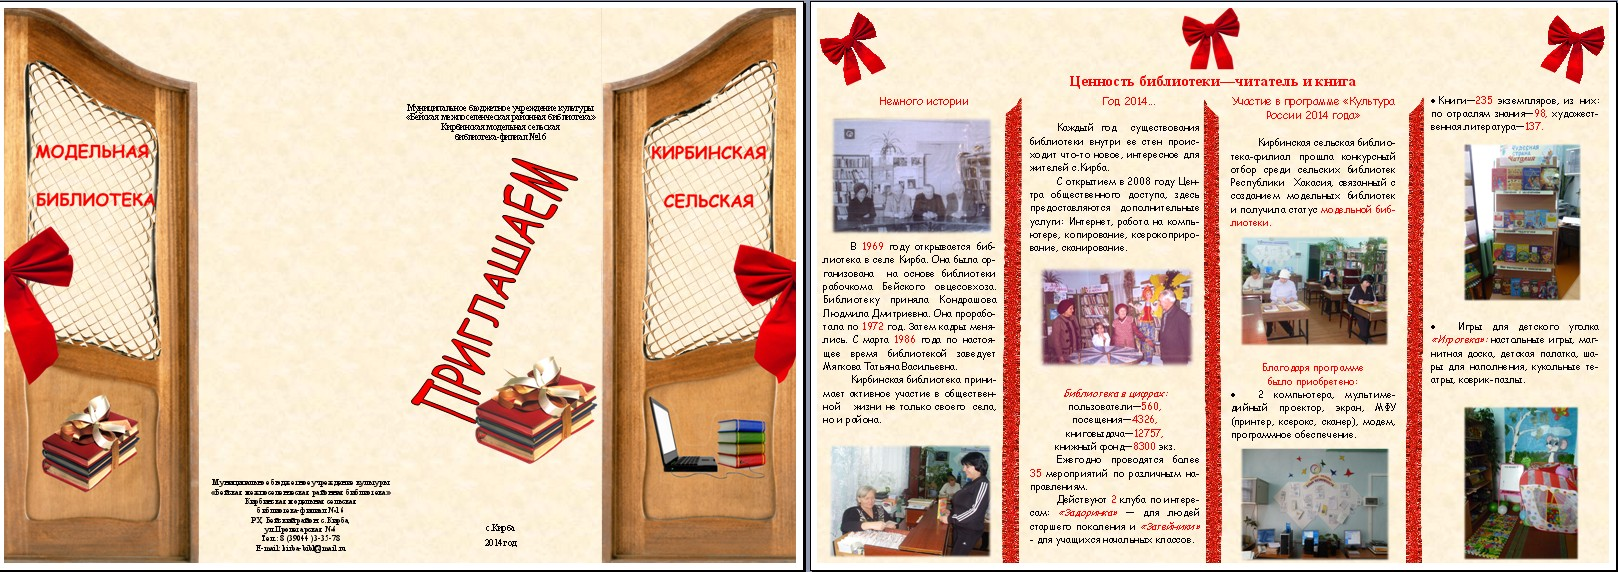 Детская библиотека буклет реклама сайта реклама разработки сайта